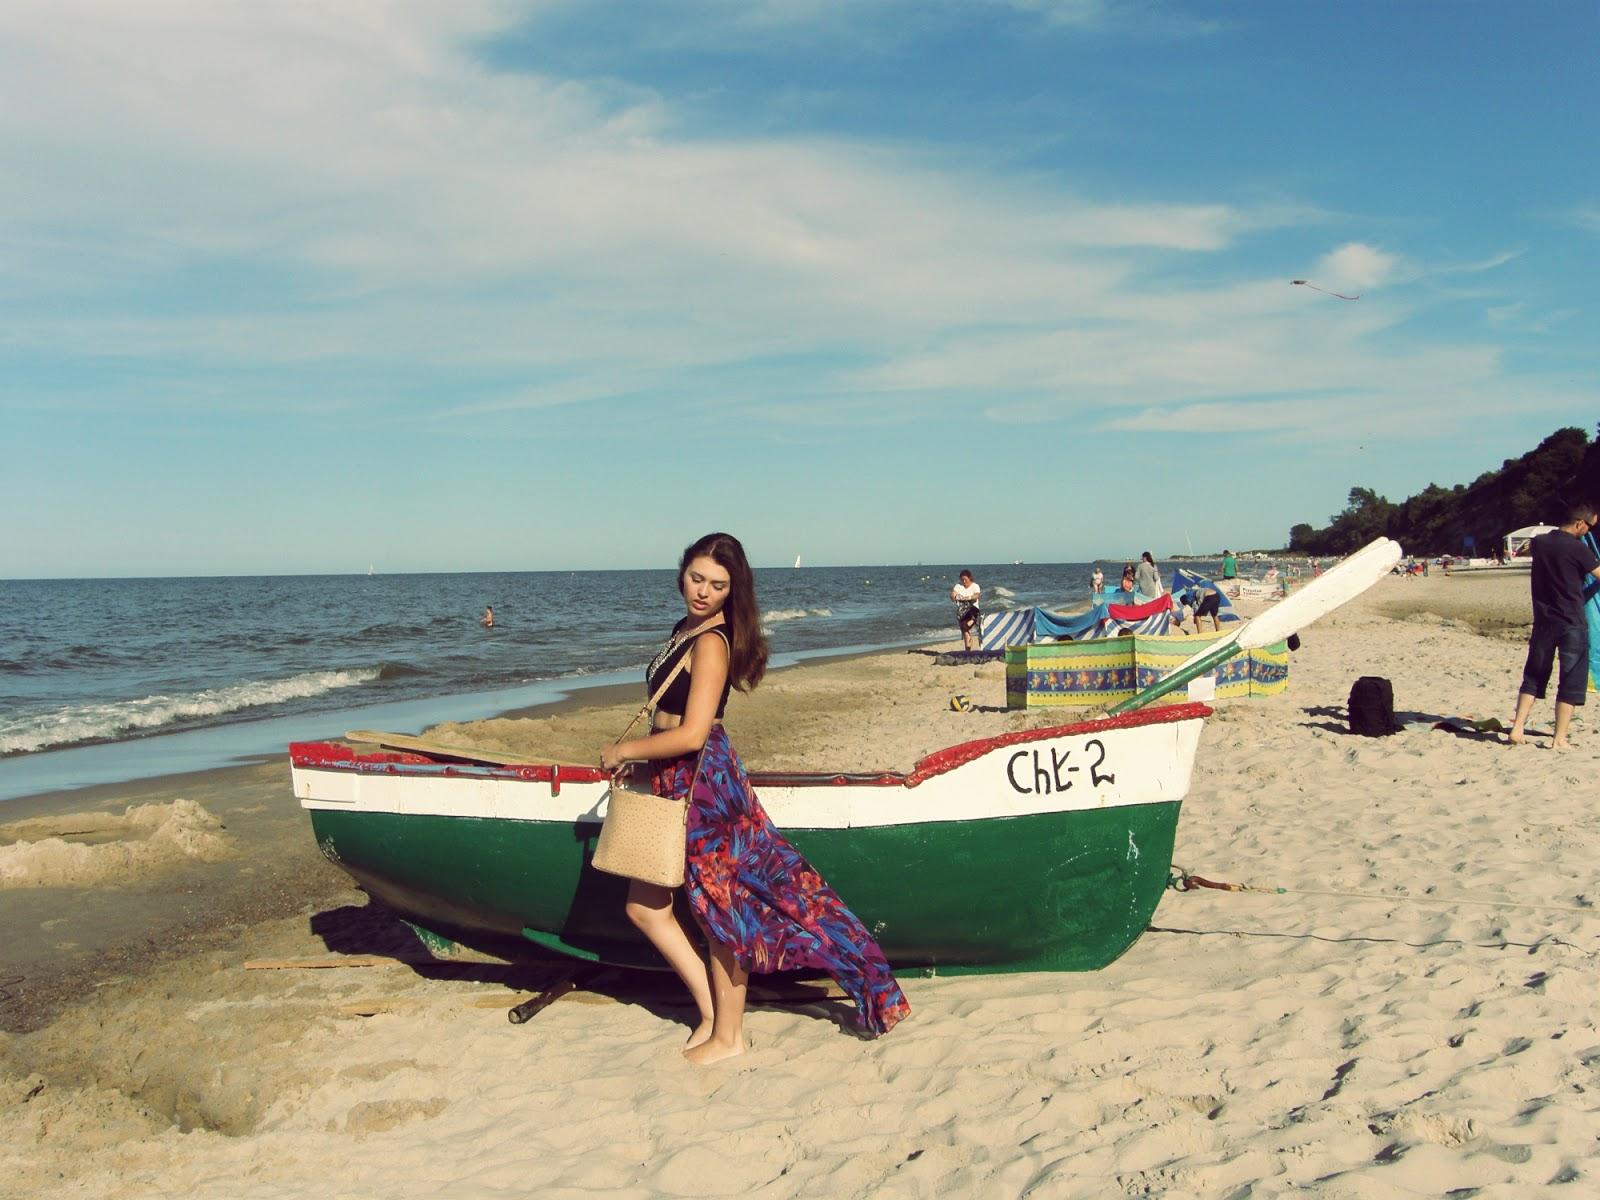 Wakacje nad morzem Chlapowo. Jak sie ubrac na plaze? DAY 2